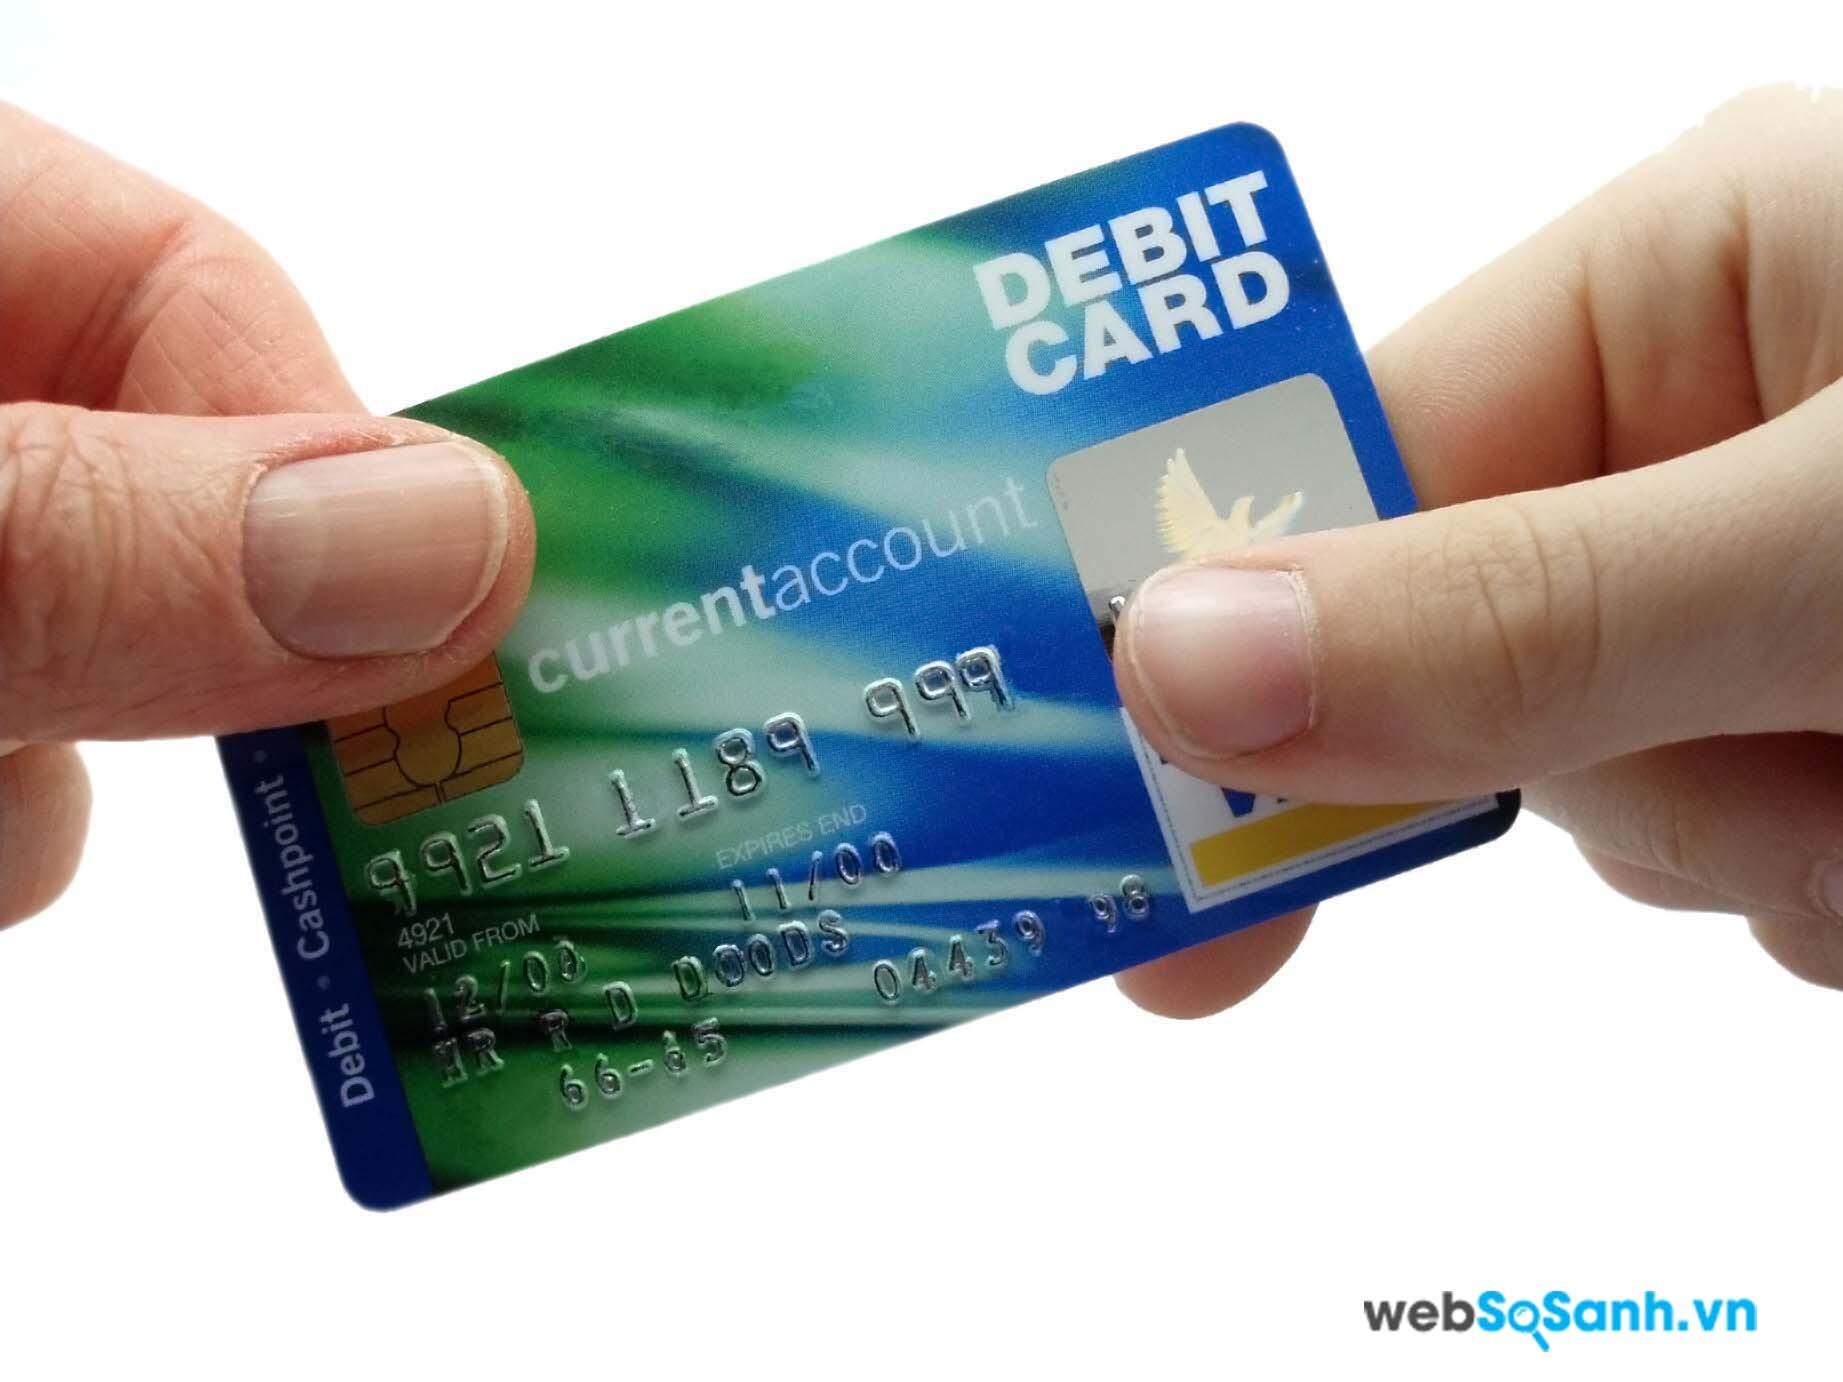 Thẻ ghi nợ là một trong những thẻ thanh toán hữu dụng